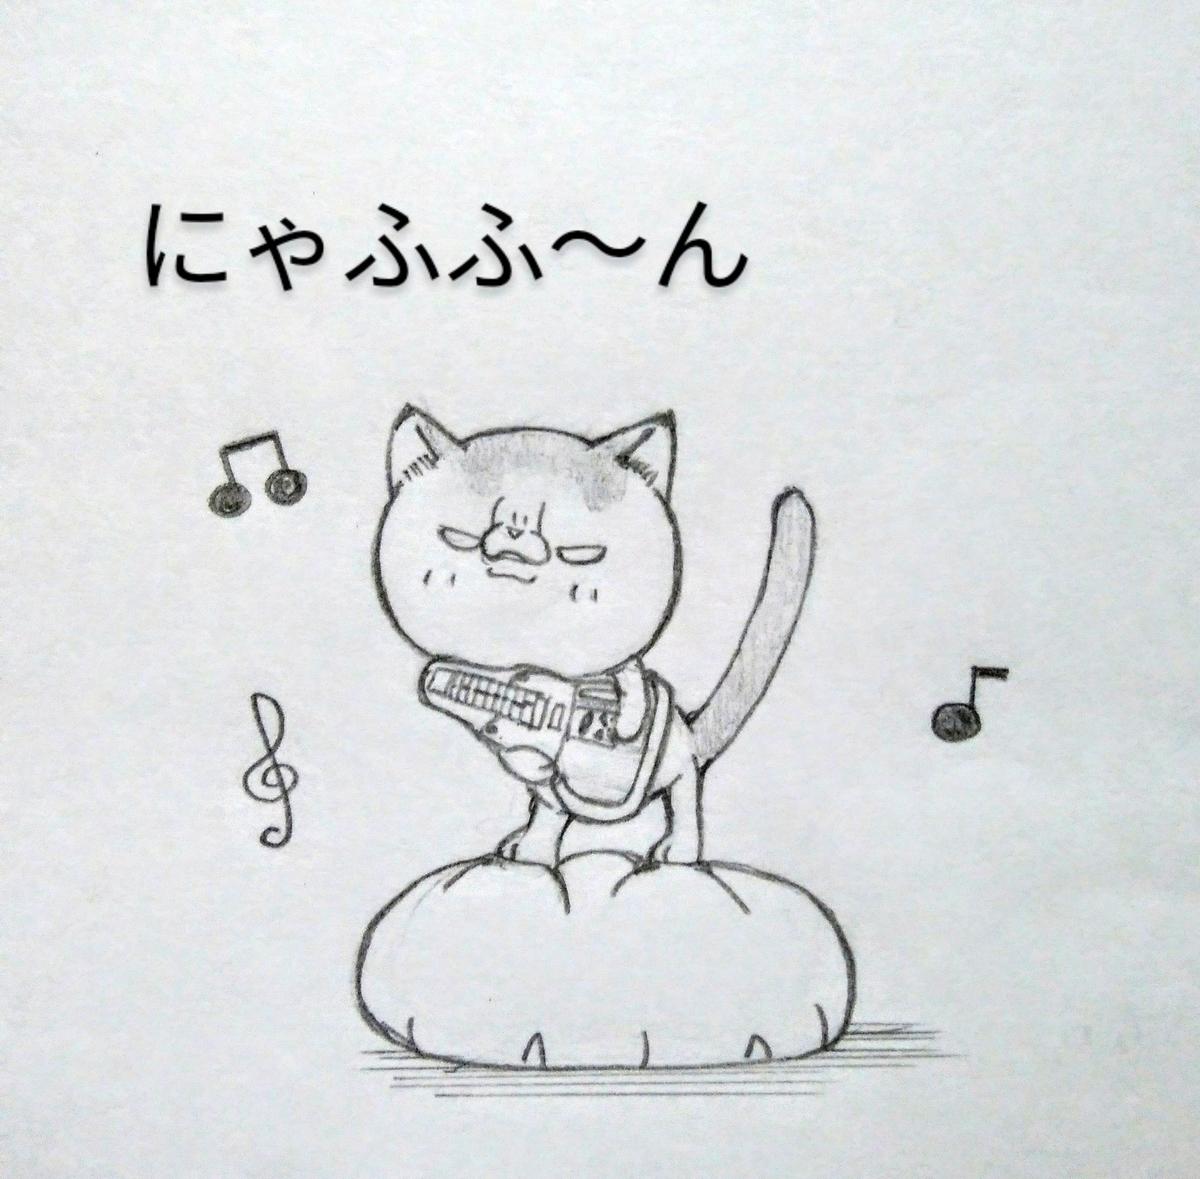 f:id:maricats:20200813202040j:plain